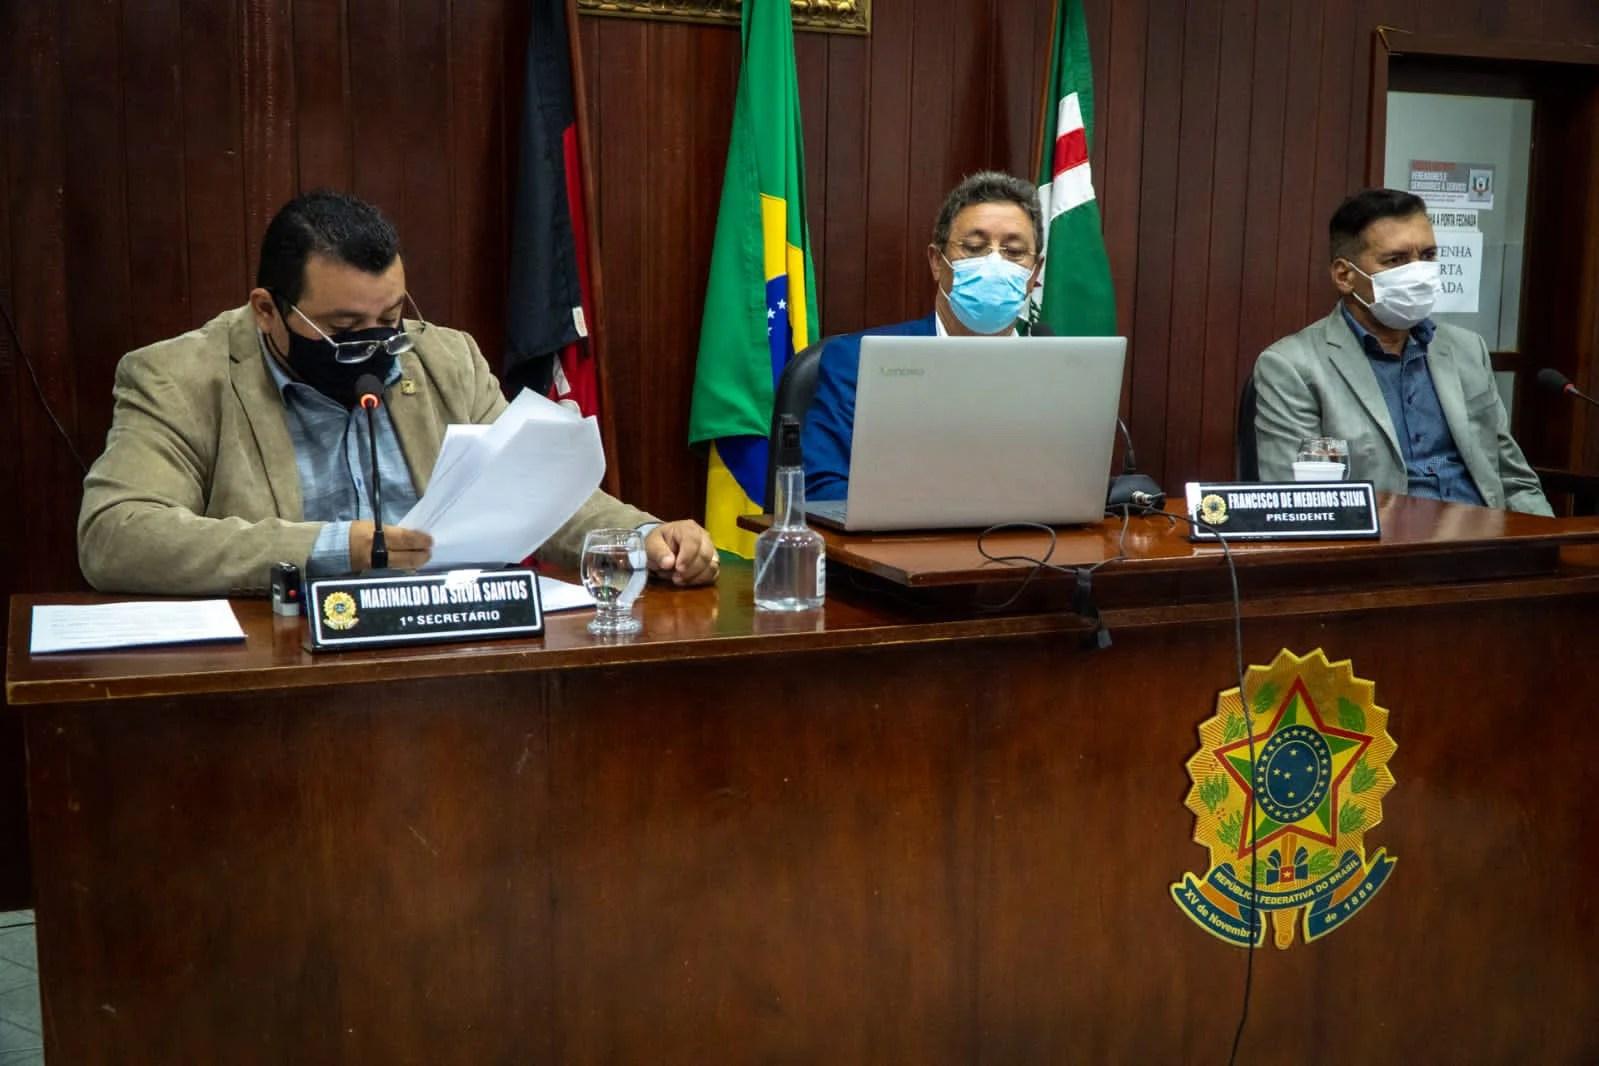 Câmara de Santa Rita aprova requerimentos que benefíciam áreas de saúde, cultura, infraestrutura, segurança e lazer